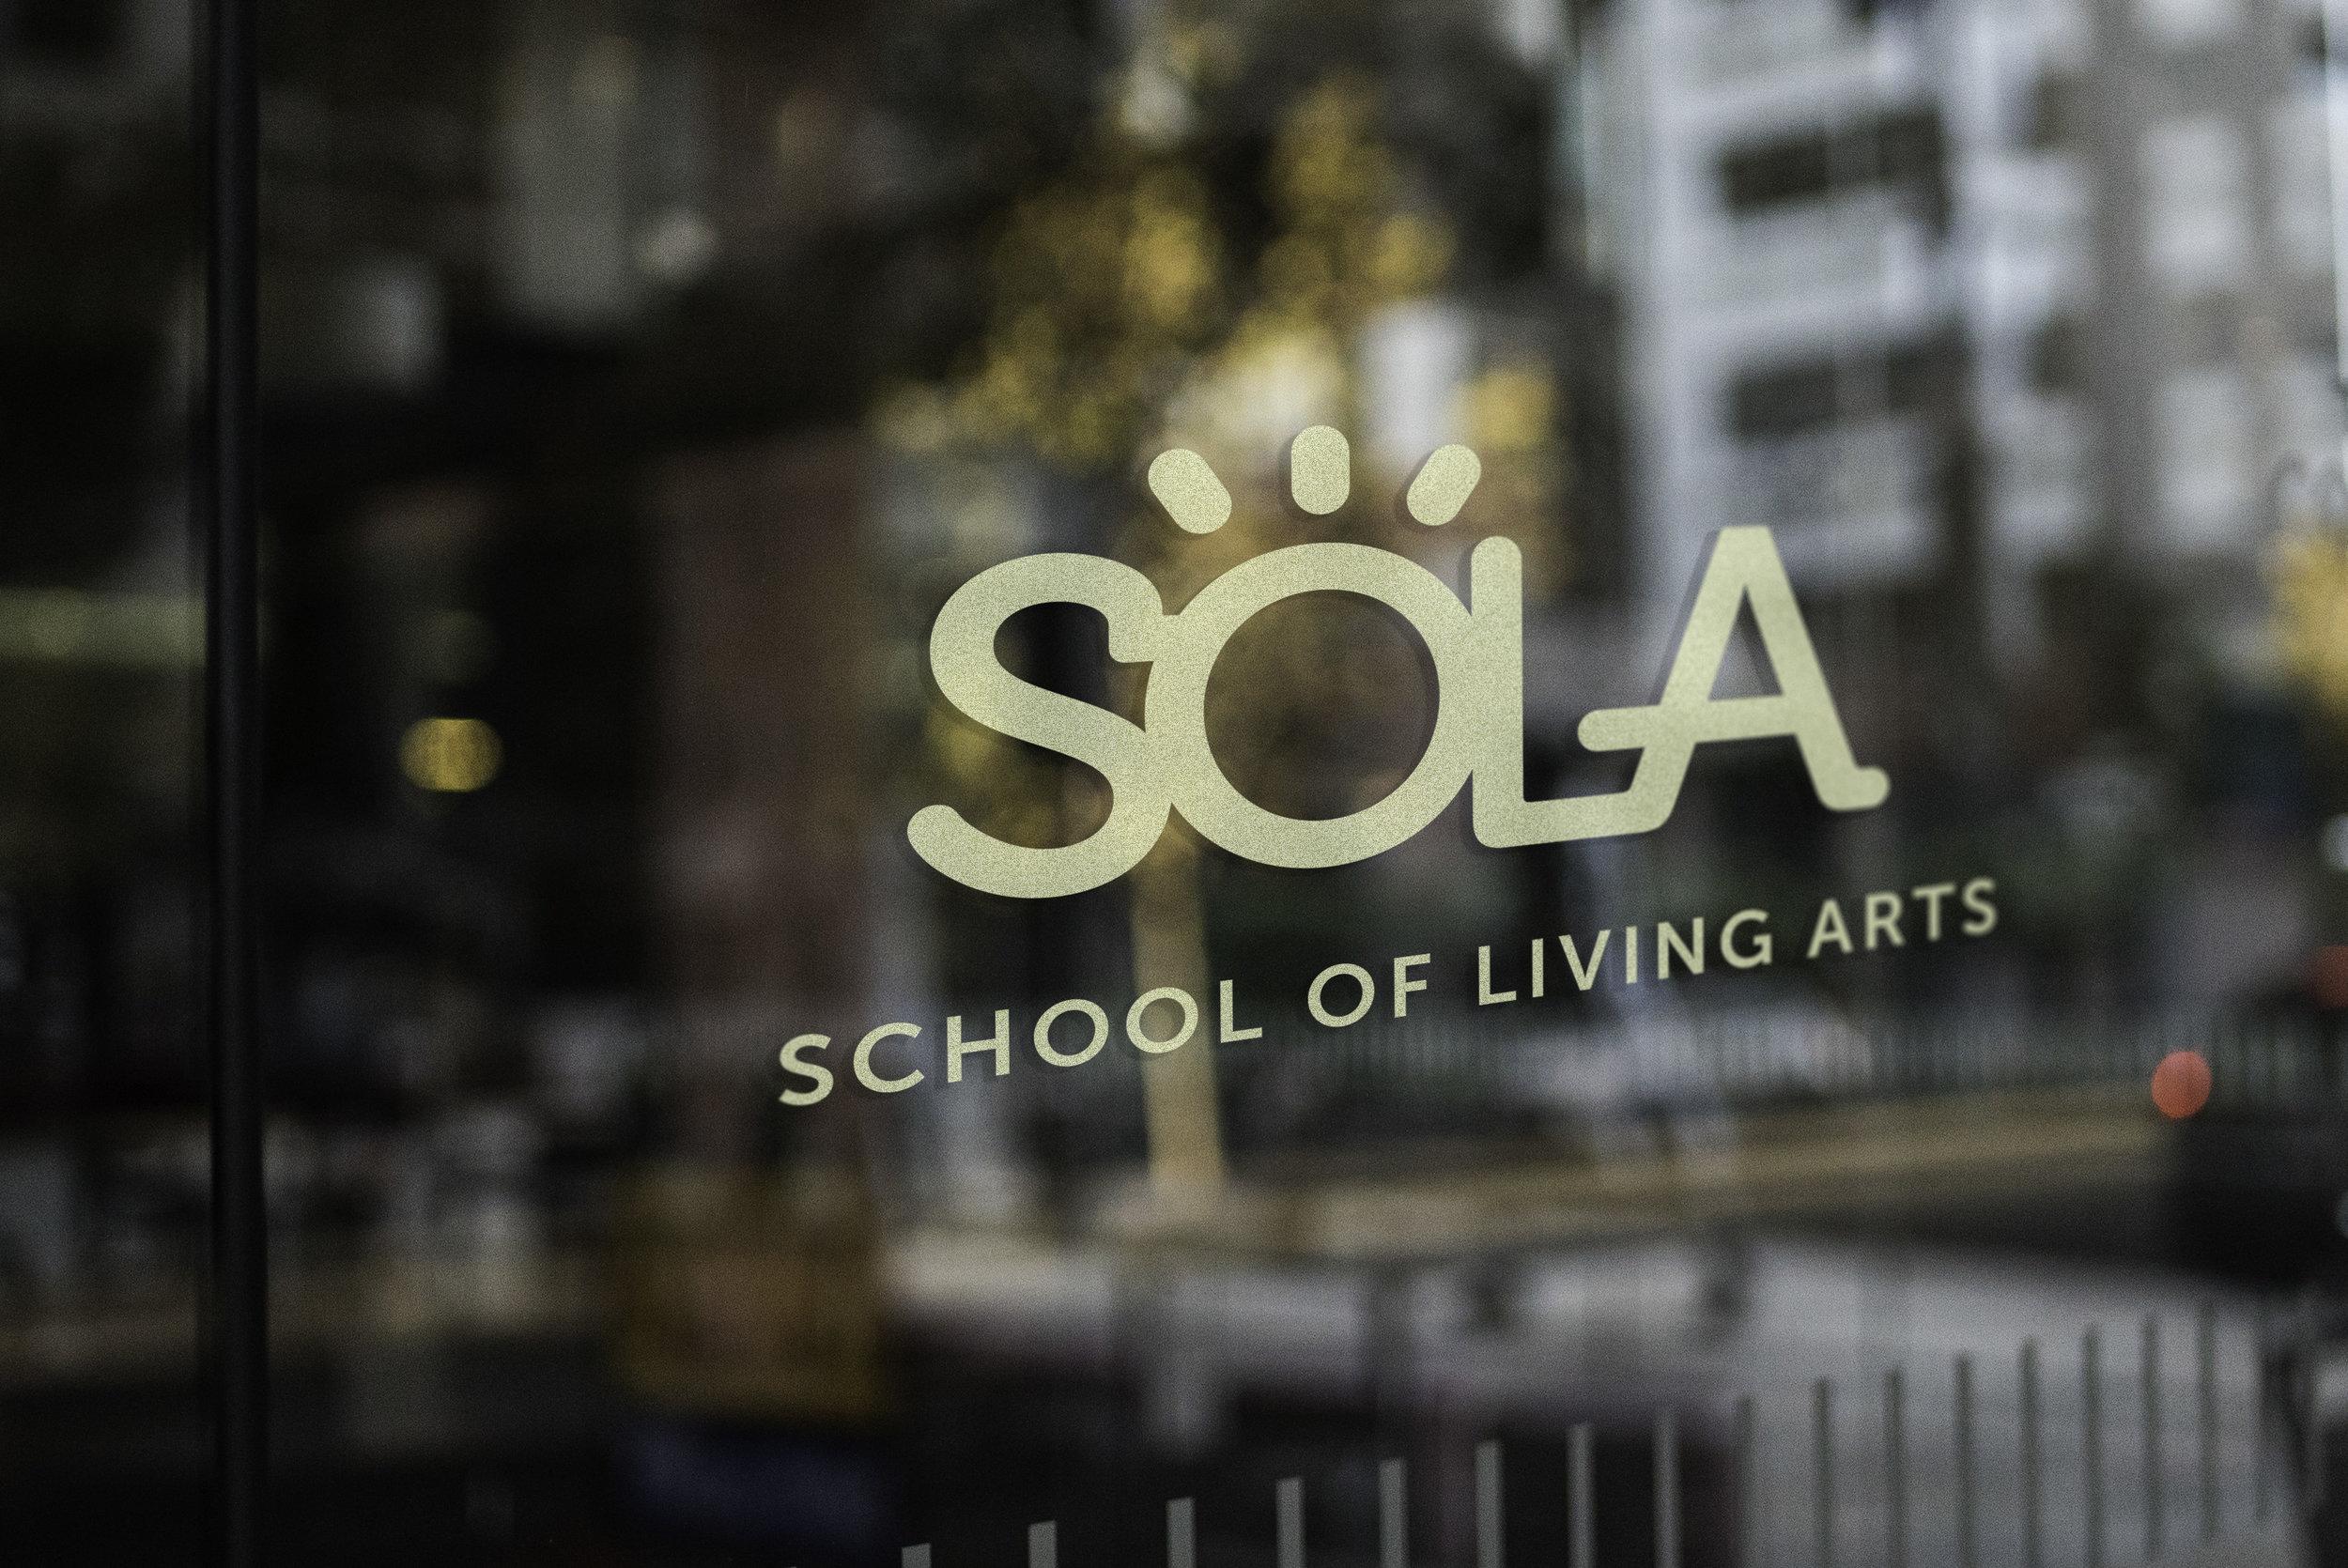 sola_glass_door.jpg